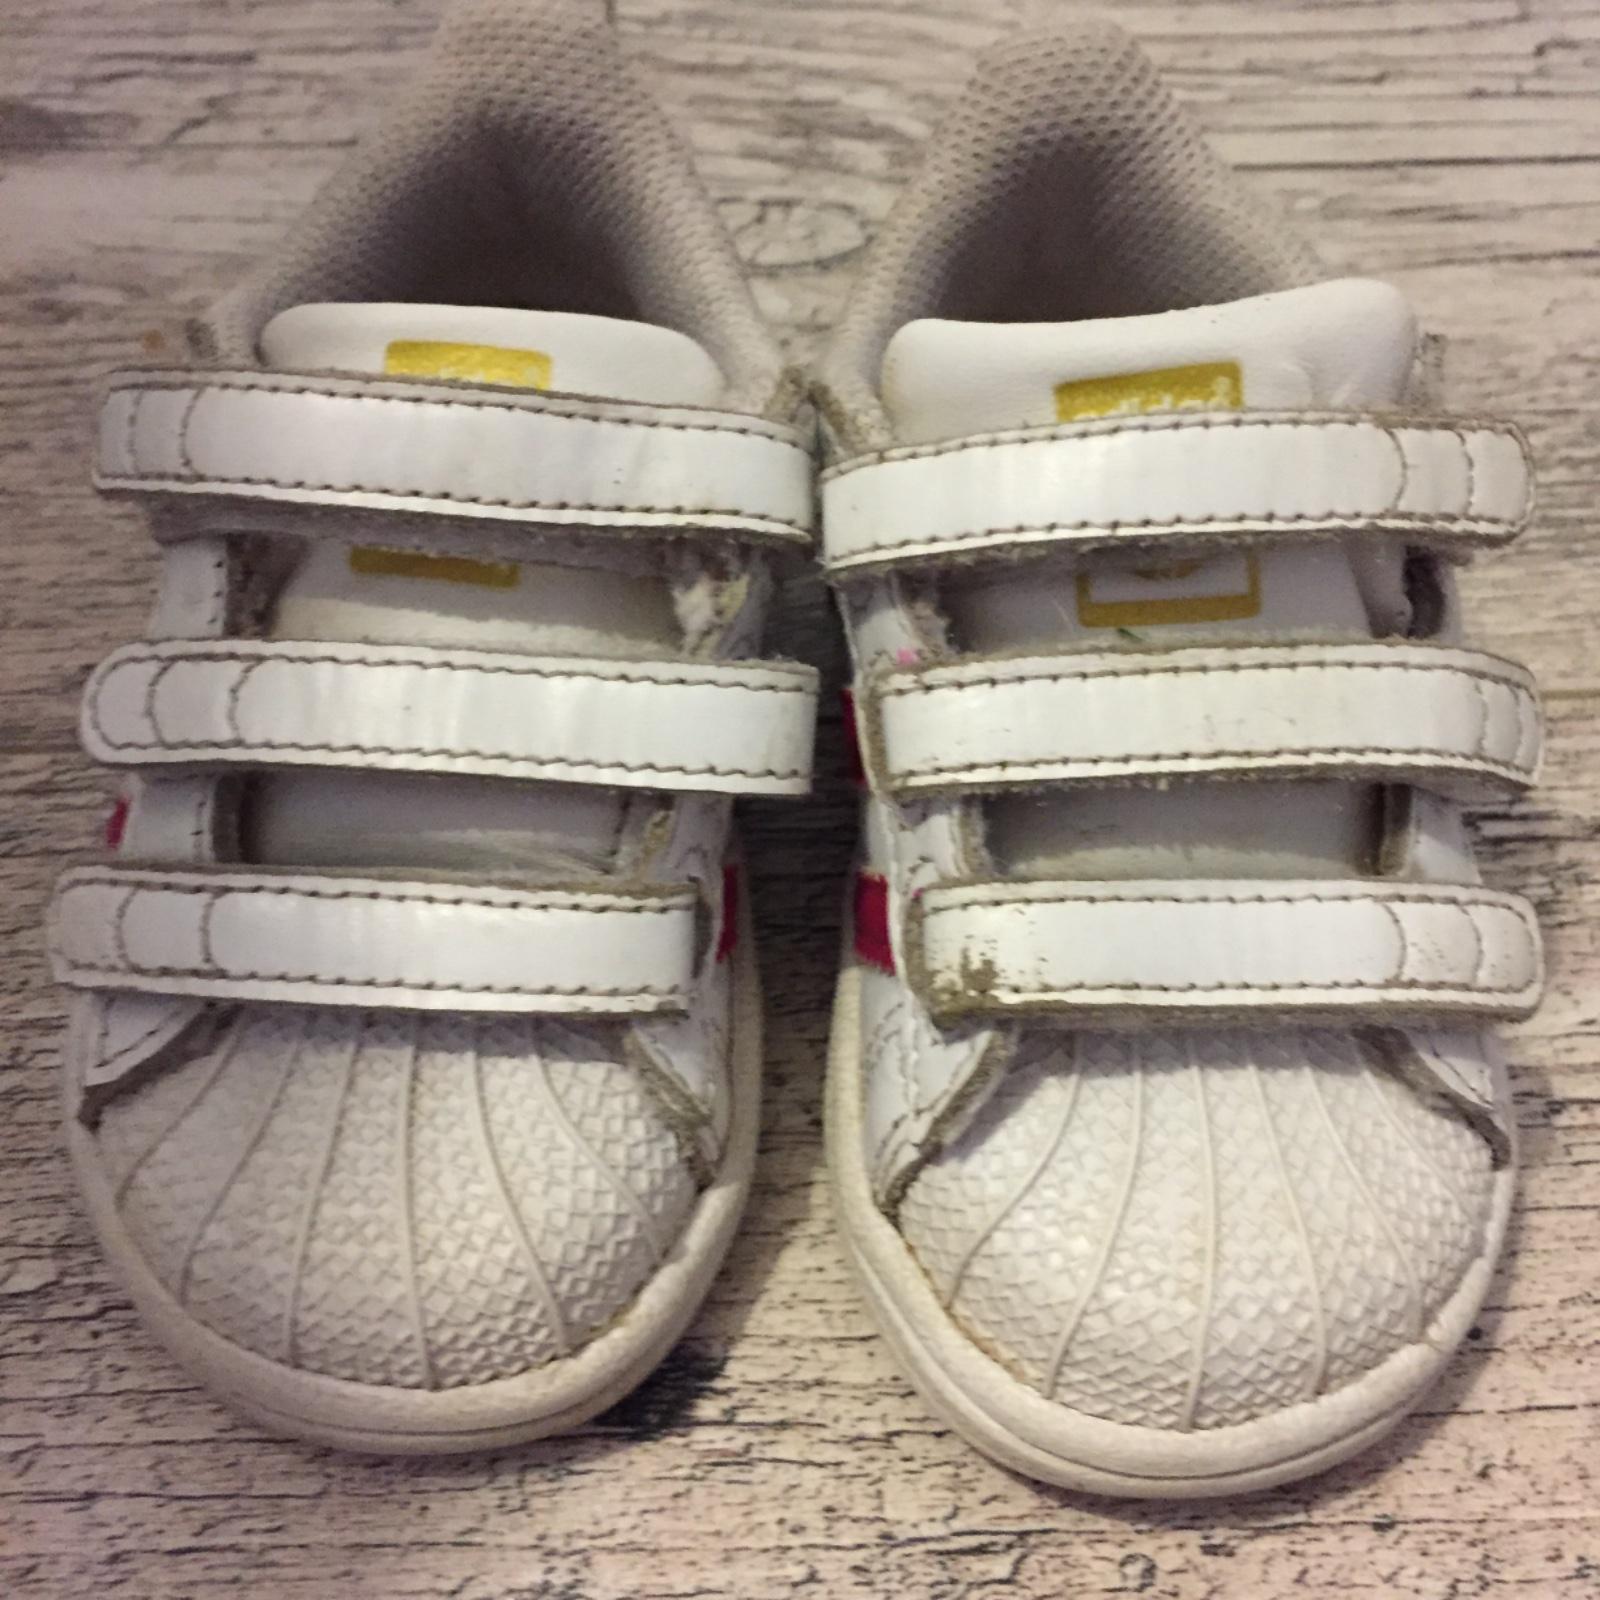 88dea8423 ... hot adidas superstar adidas20 6 od predávajúcej slavomiraa81 detsk  bazár modrykonik.sk d76ff 439a8